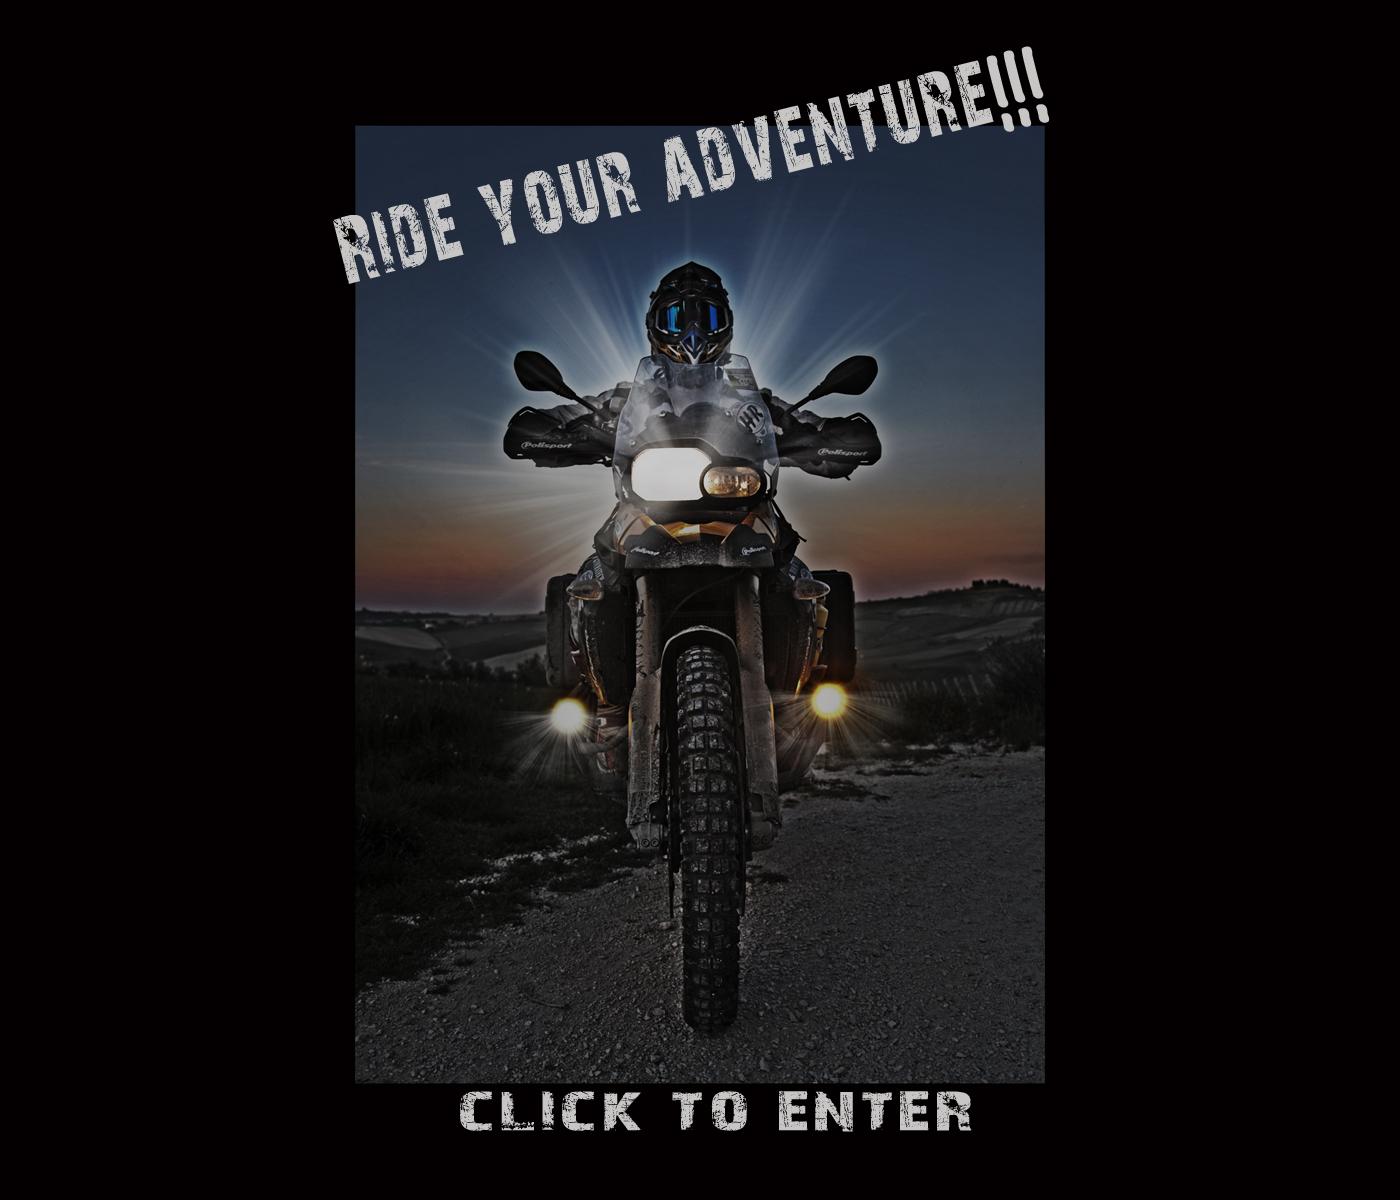 www.stradebiancheinmoto.it,strade,bianche,moto,tour enduro,tour monocilindriche,tour bicilindriche,raid,guida enduro,strade bianche,off road,strade sterrate,fuoristrada,mirco urbinati,ceres,viaggi moto,rimini moto,motociclismo off road